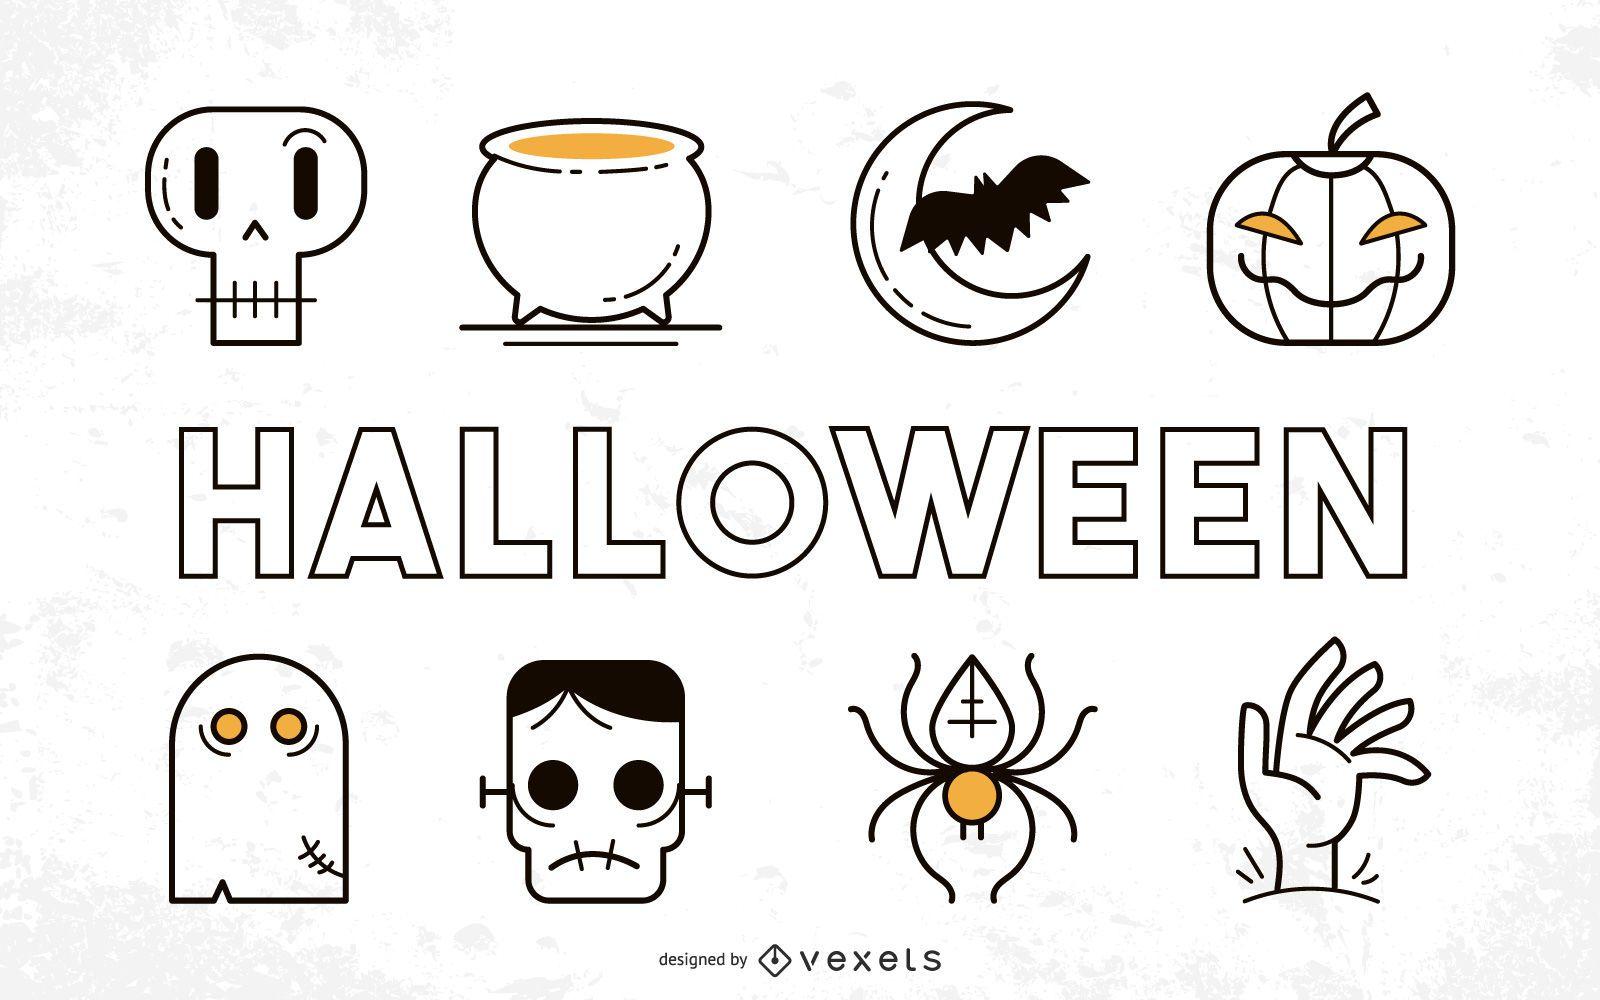 Paquete de cosas divertidas de Halloween con tipografía